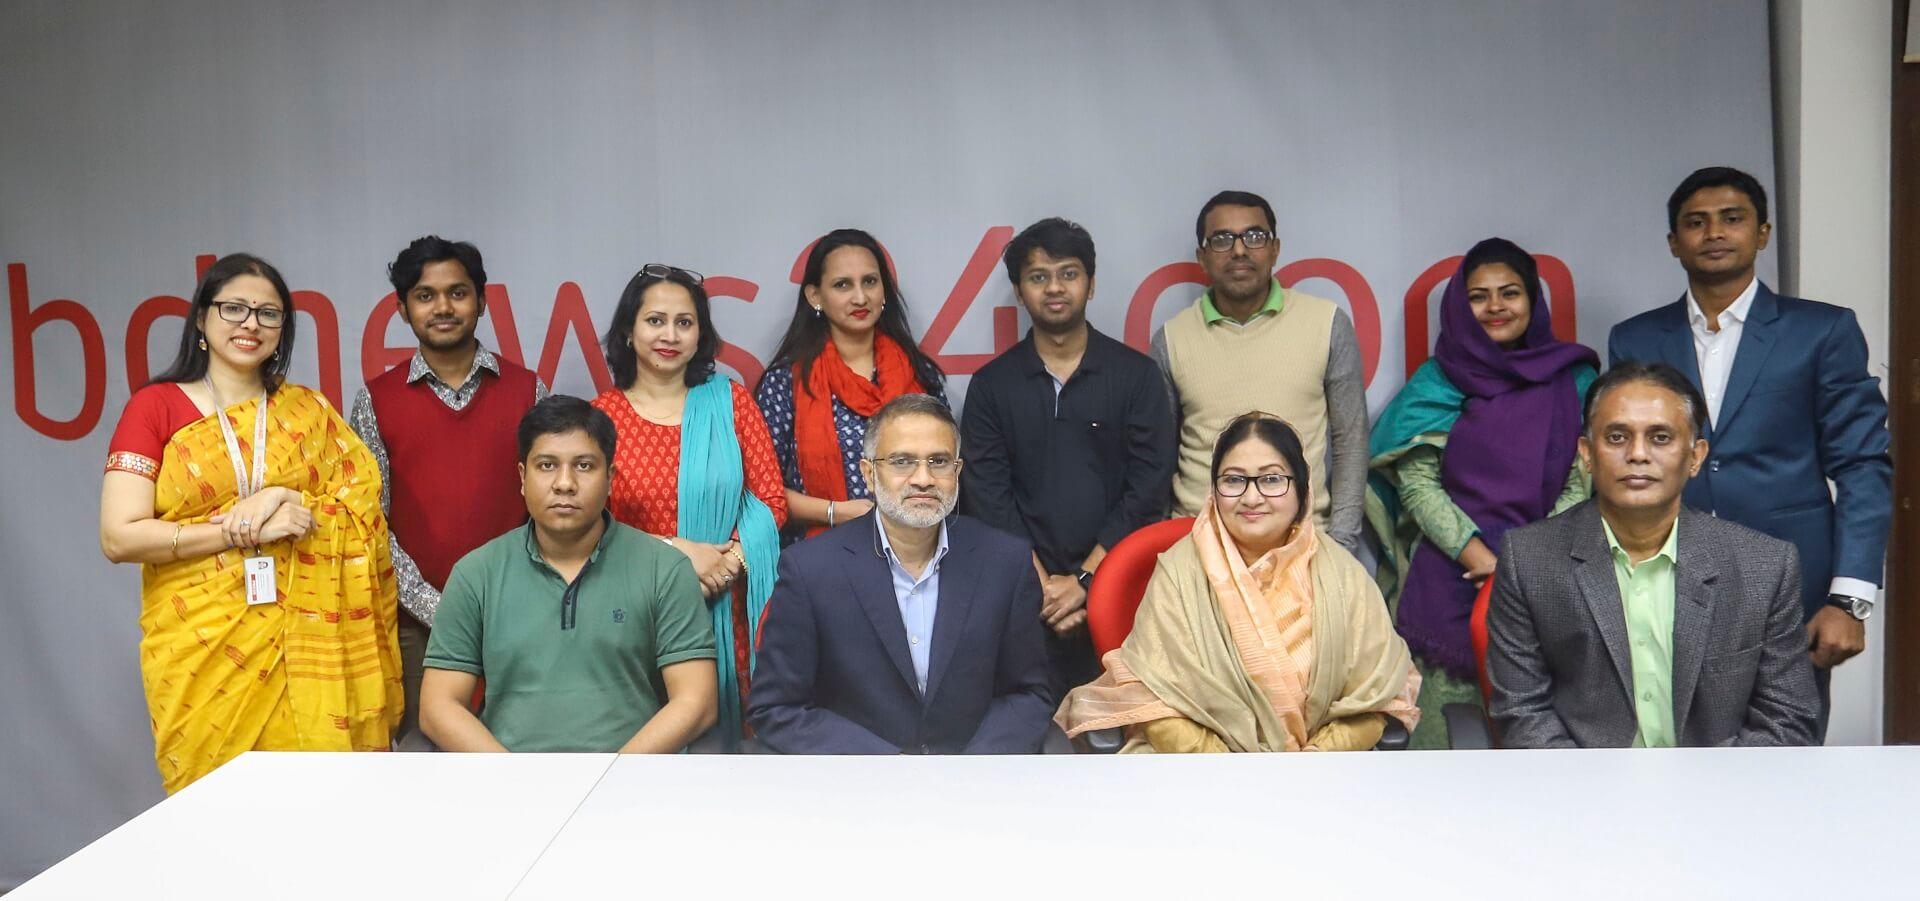 কেমন ঢাকা চাই: গোলটেবিলে আমরা কয়েকজন নাগরিক সাংবাদিক